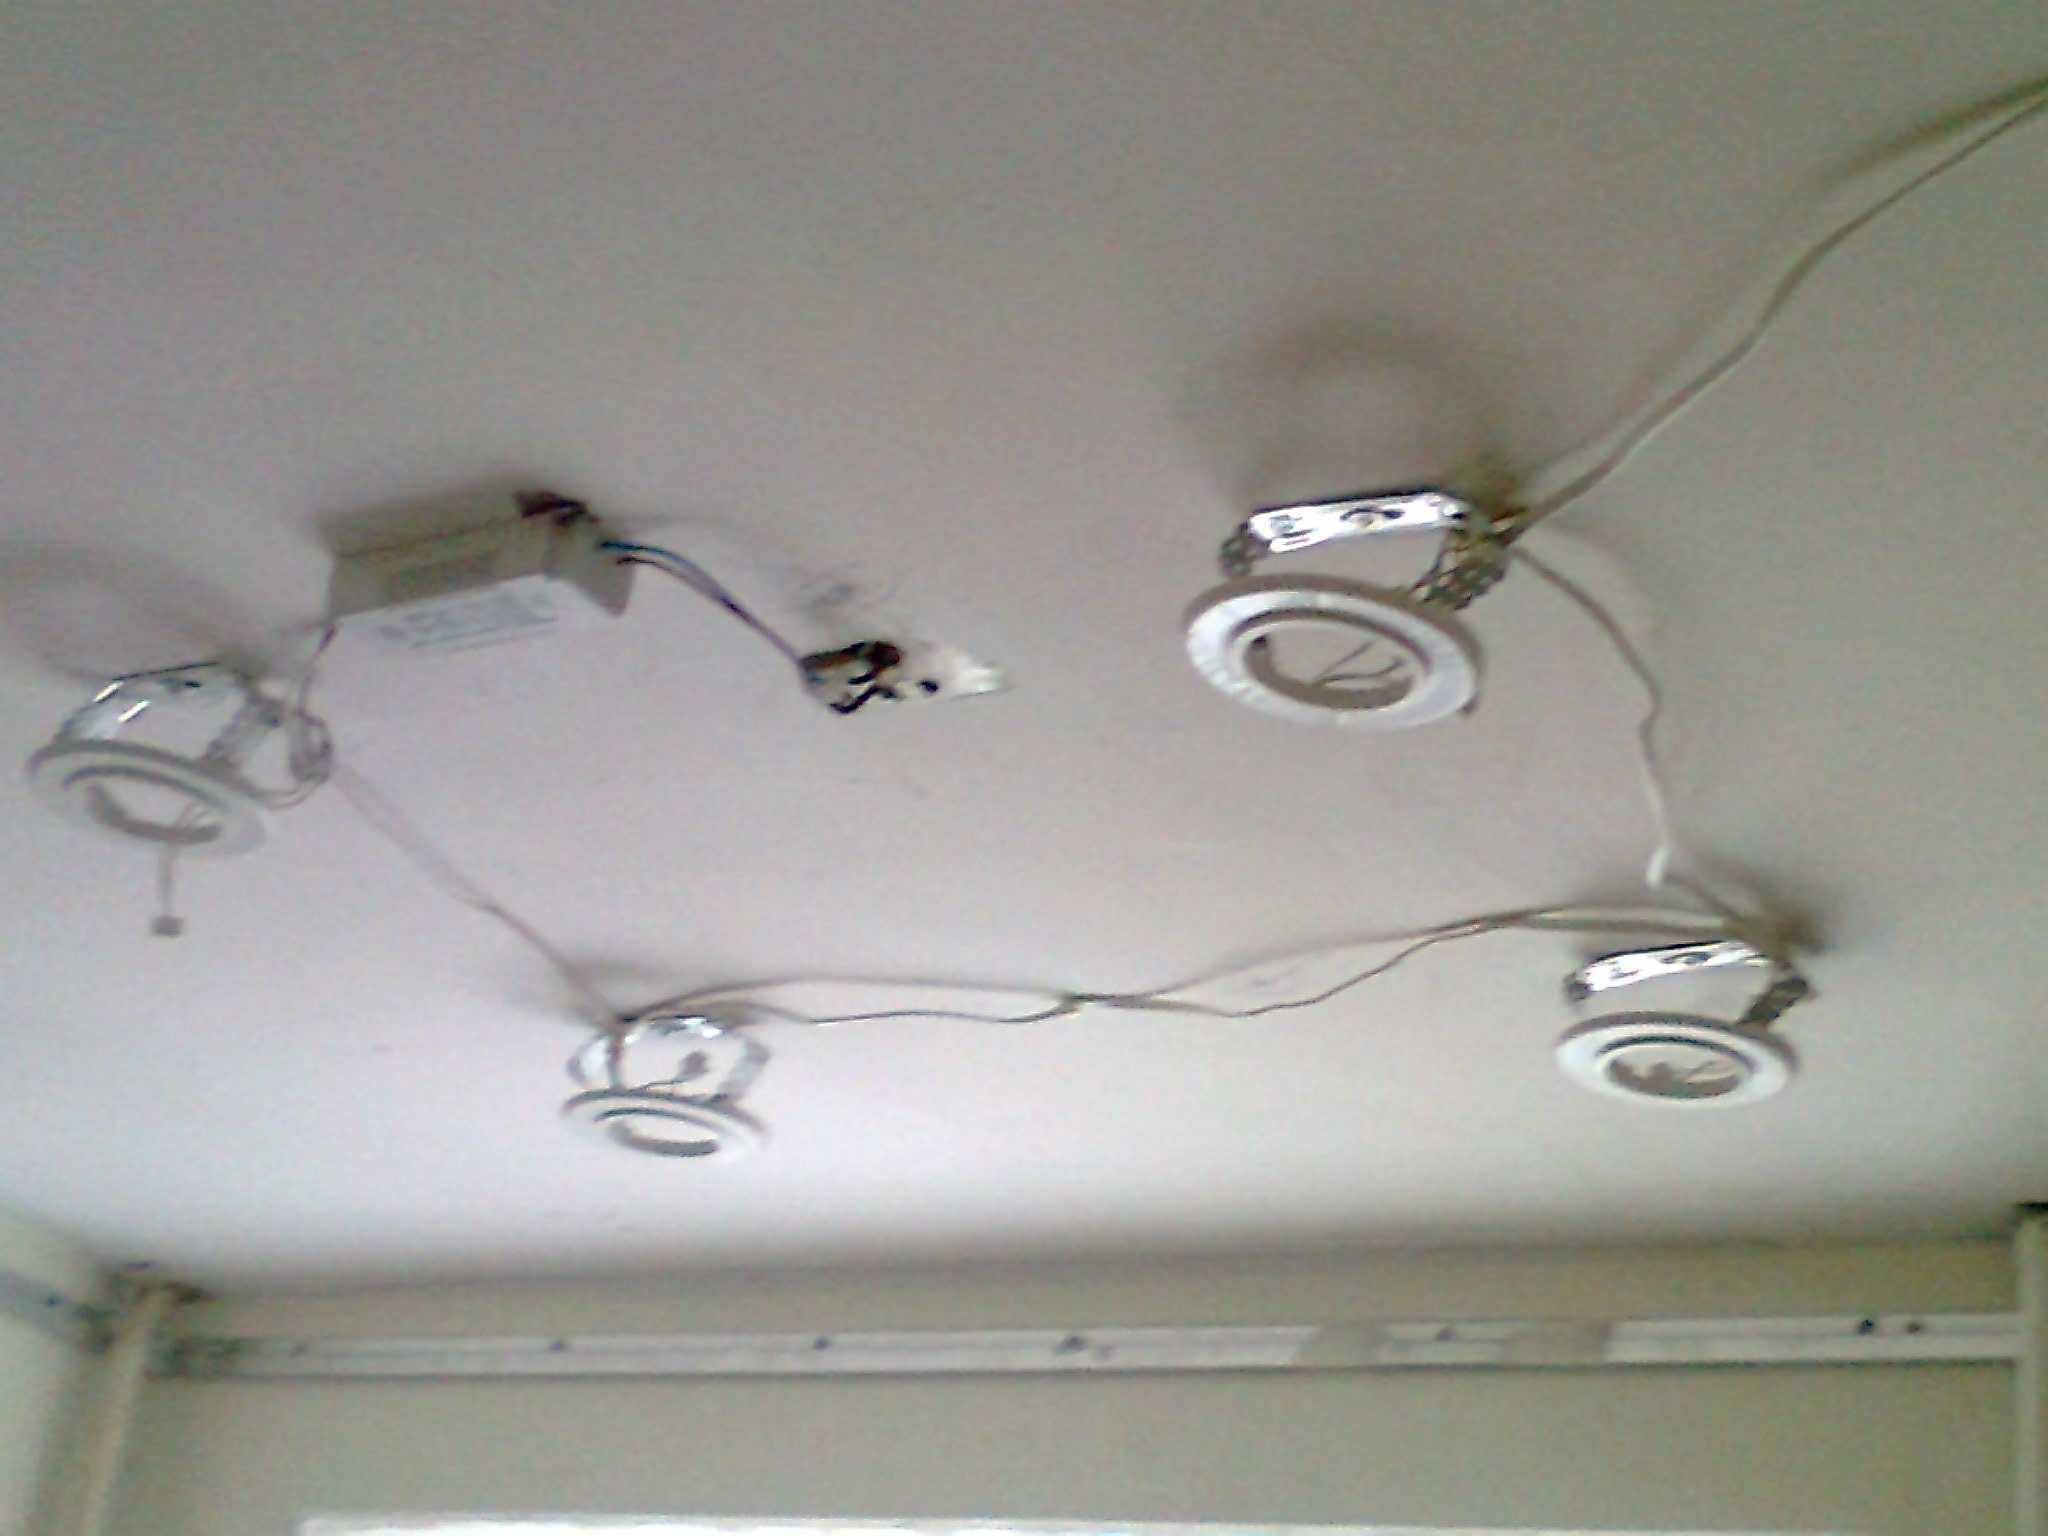 Монтаж точечных светильников на одном уровне с натяжным потолком